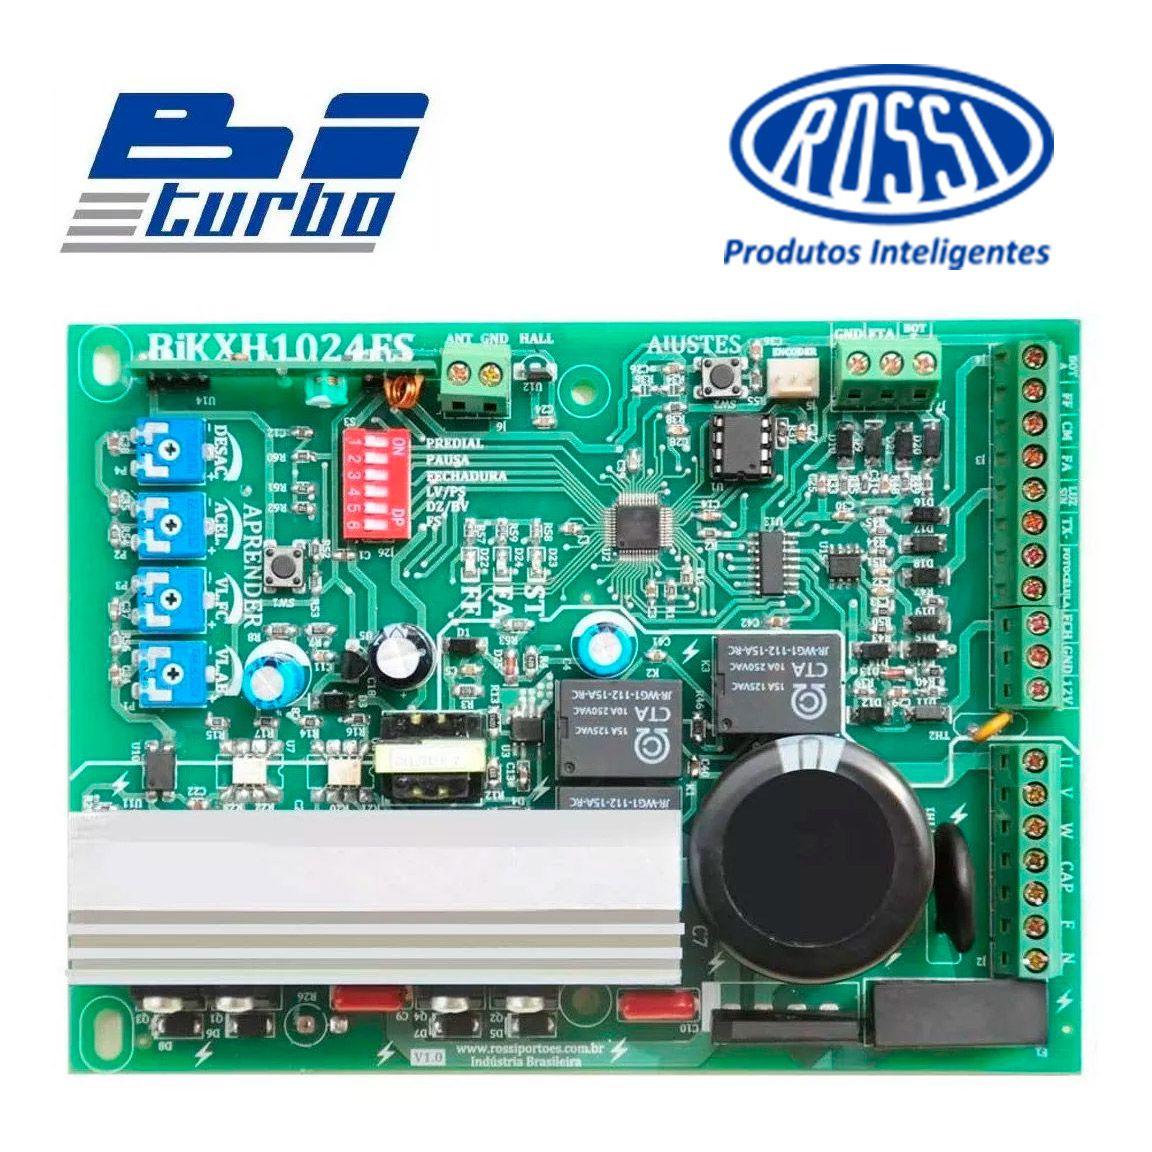 Motor Portão Rossi DZ4 SK BiTurbo 800Kg 1/3 Deslizante Automático de Correr Eletrônico Com Abertura Super Rápida  - Tudo Forte